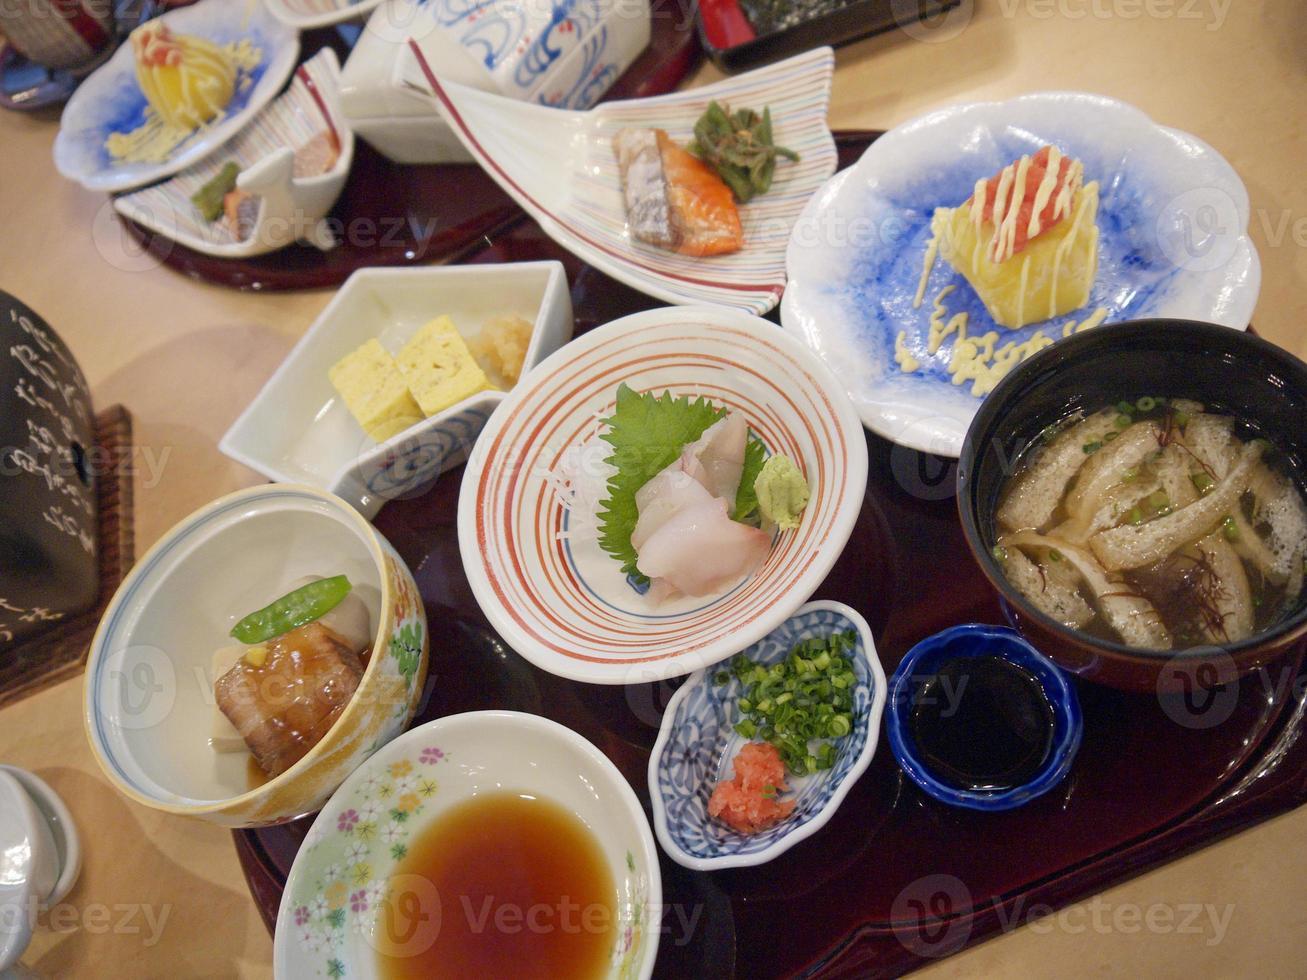 traditionella japanska frukostmåltider med stekt fisk sashimi och tofu serveras i magasinet foto